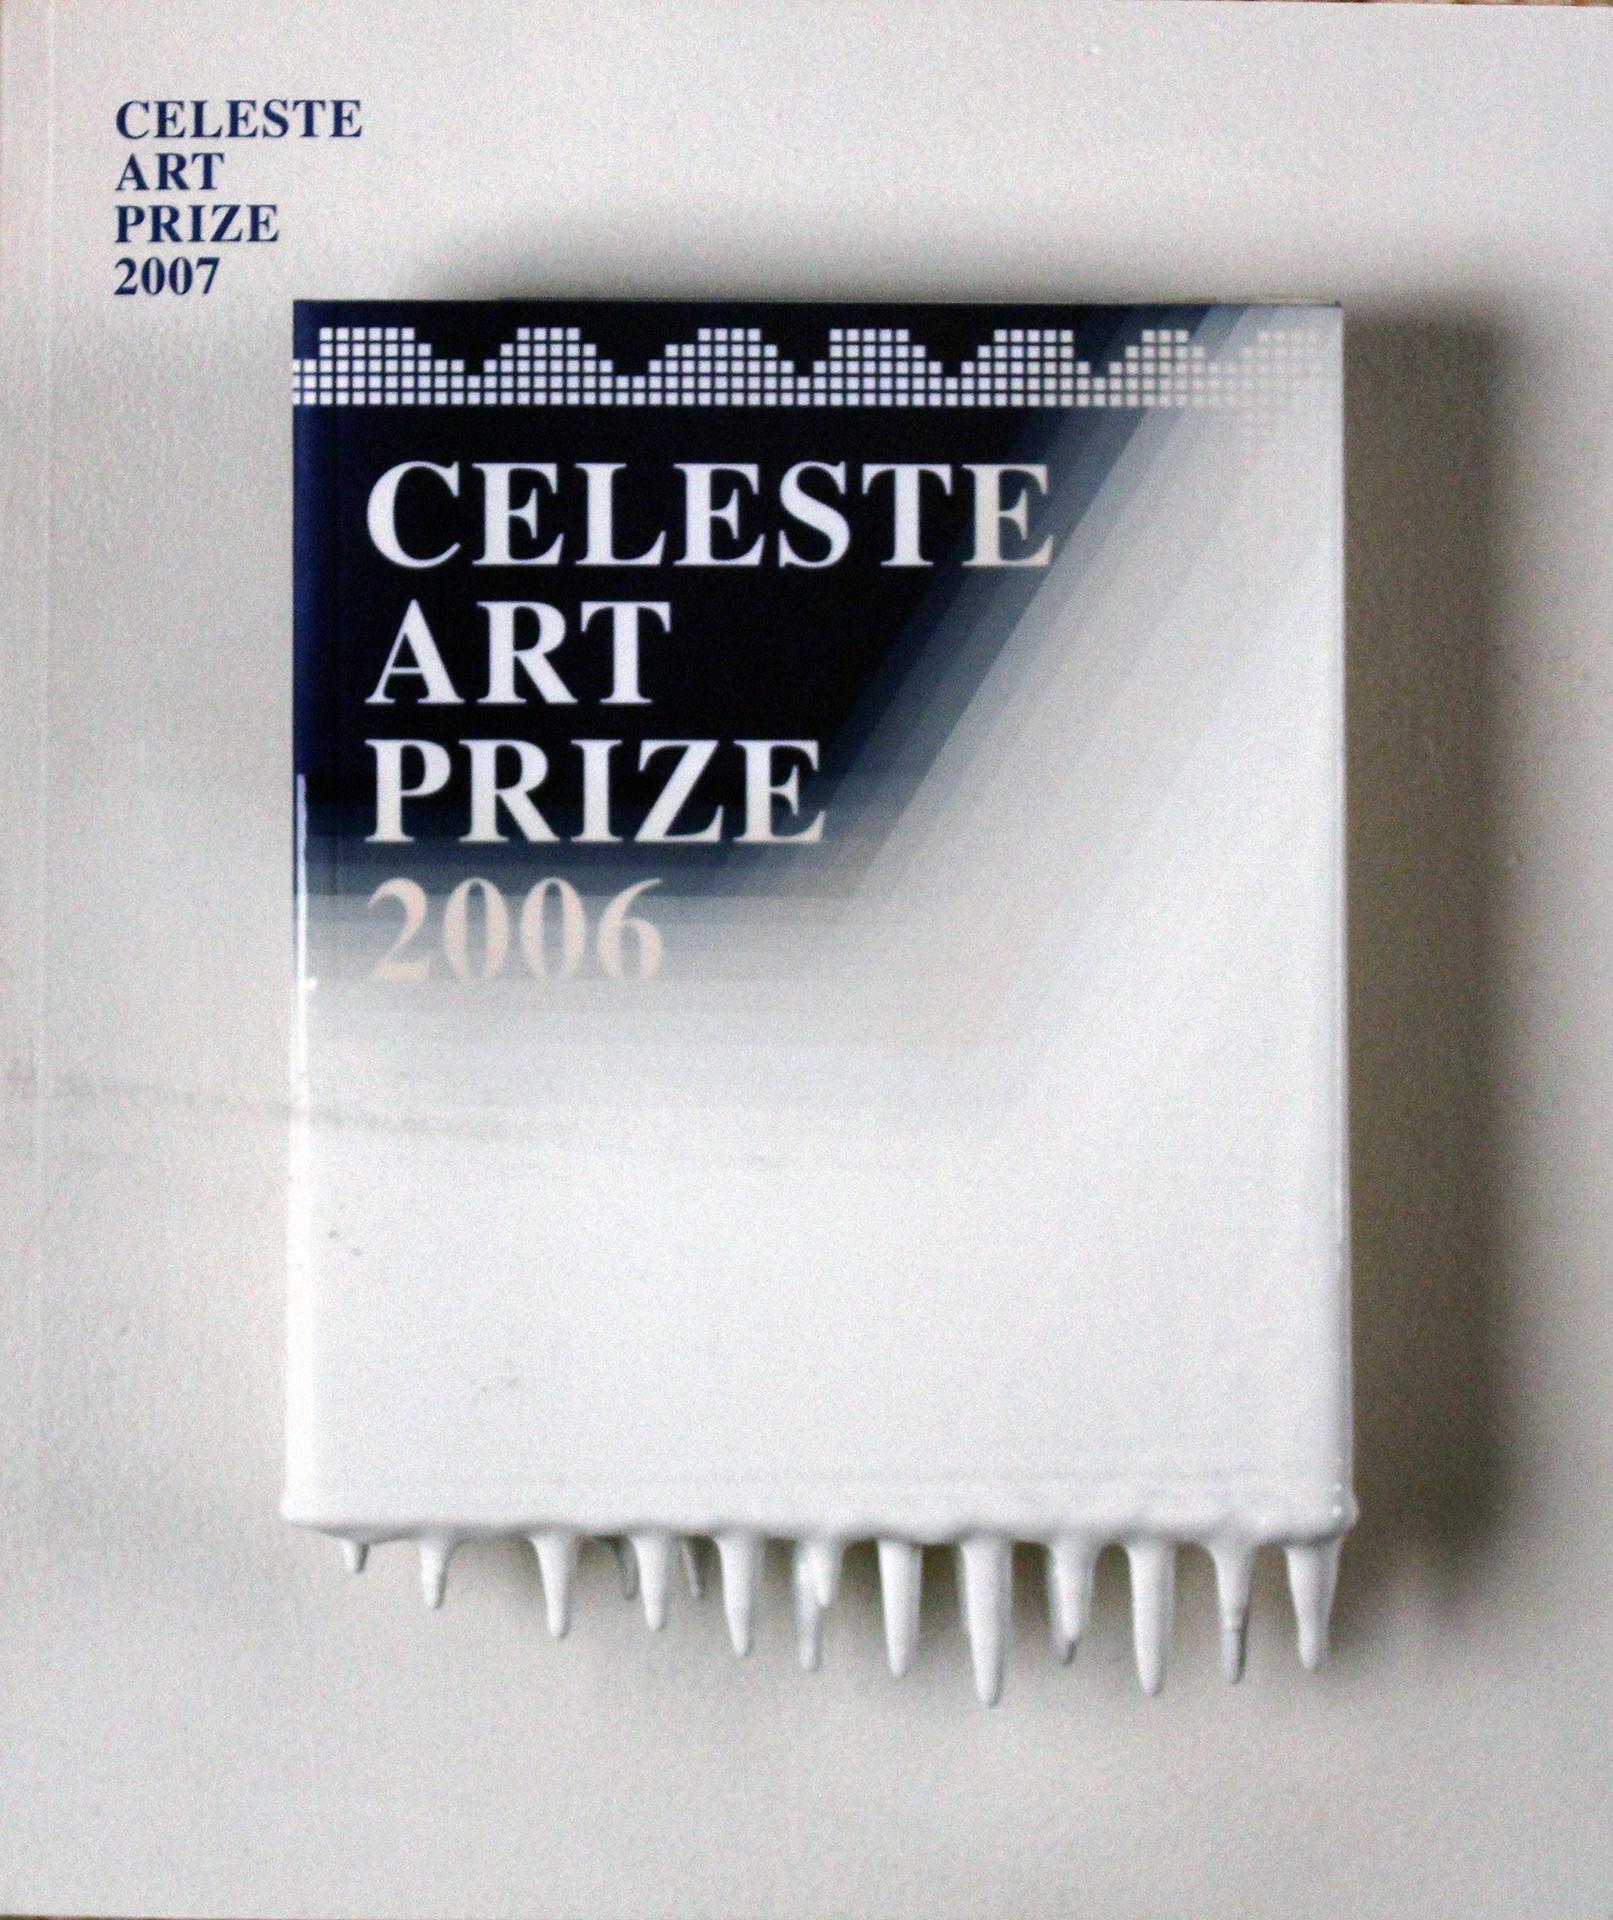 celeste art prize 2007